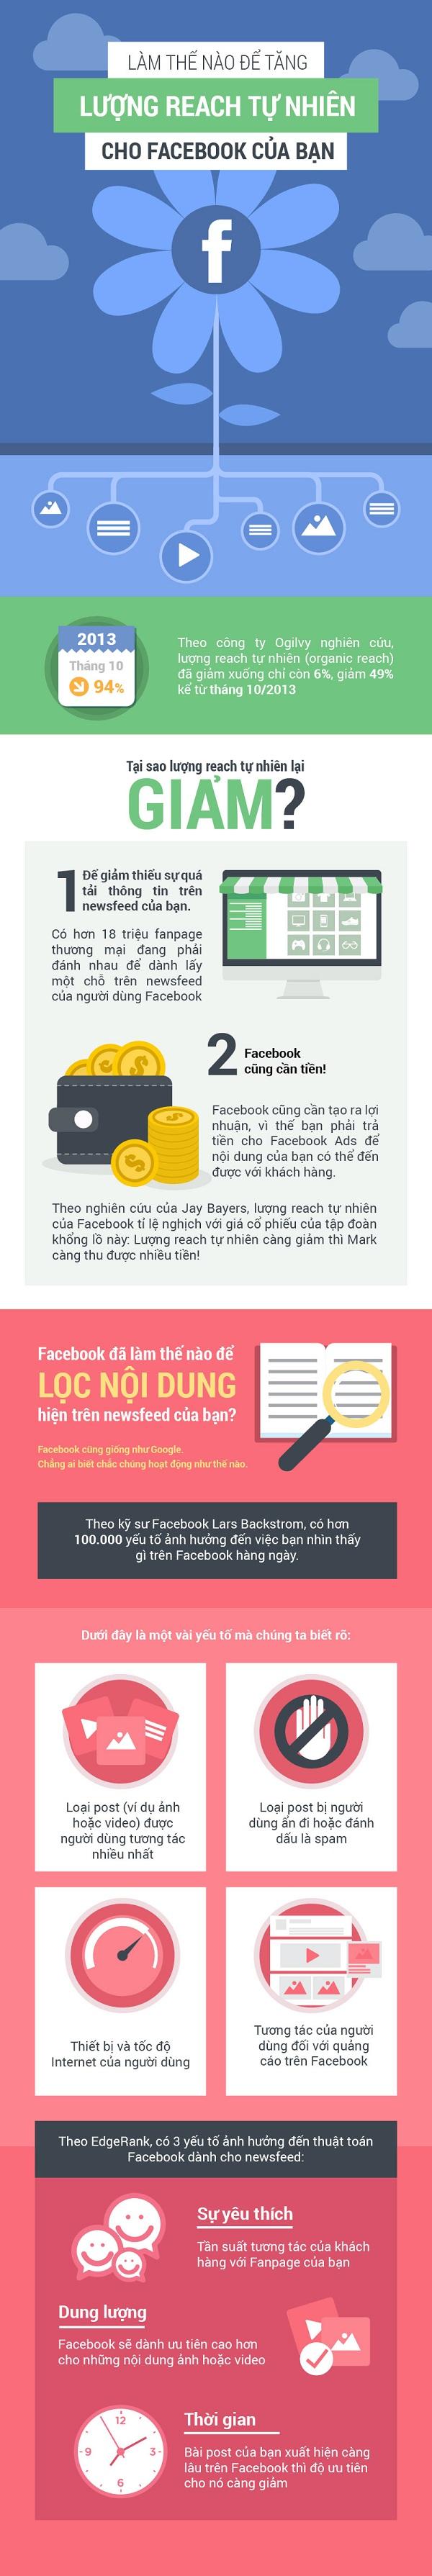 lam-gi-de-fanpage-facebook-tang-luong-reach-tu-nhien